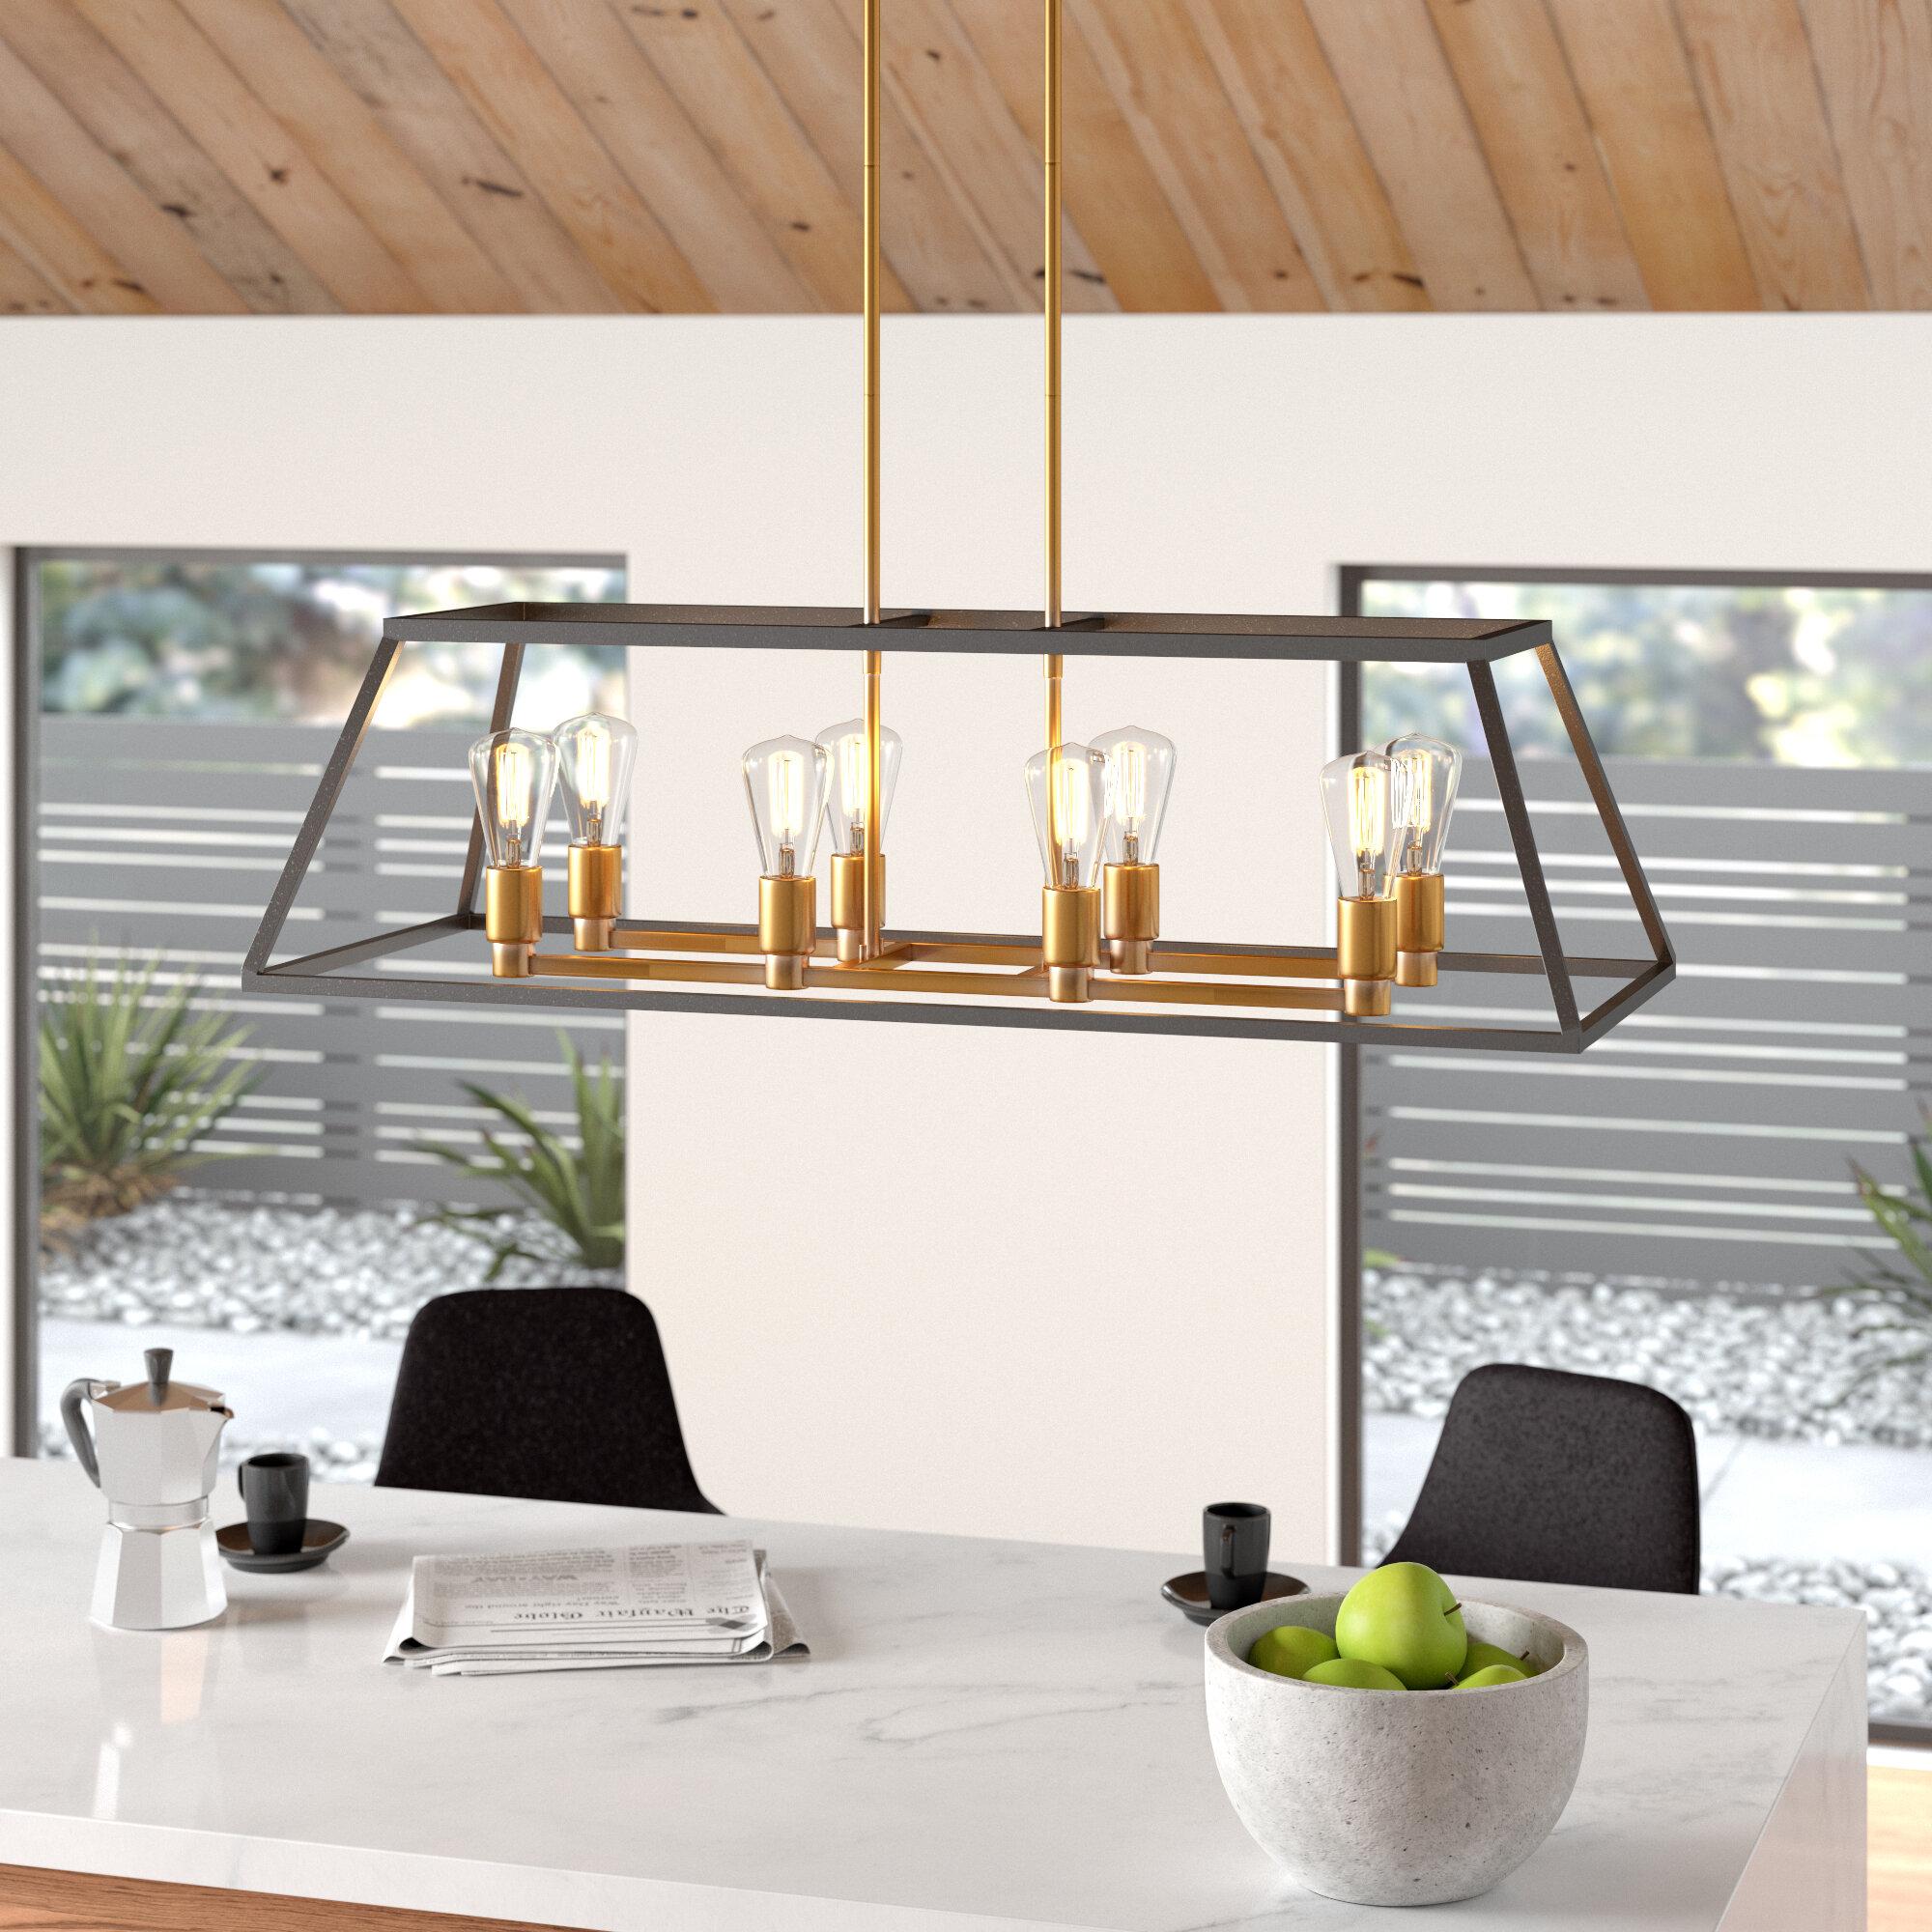 Shisler 8-Light Kitchen Island Linear Pendant